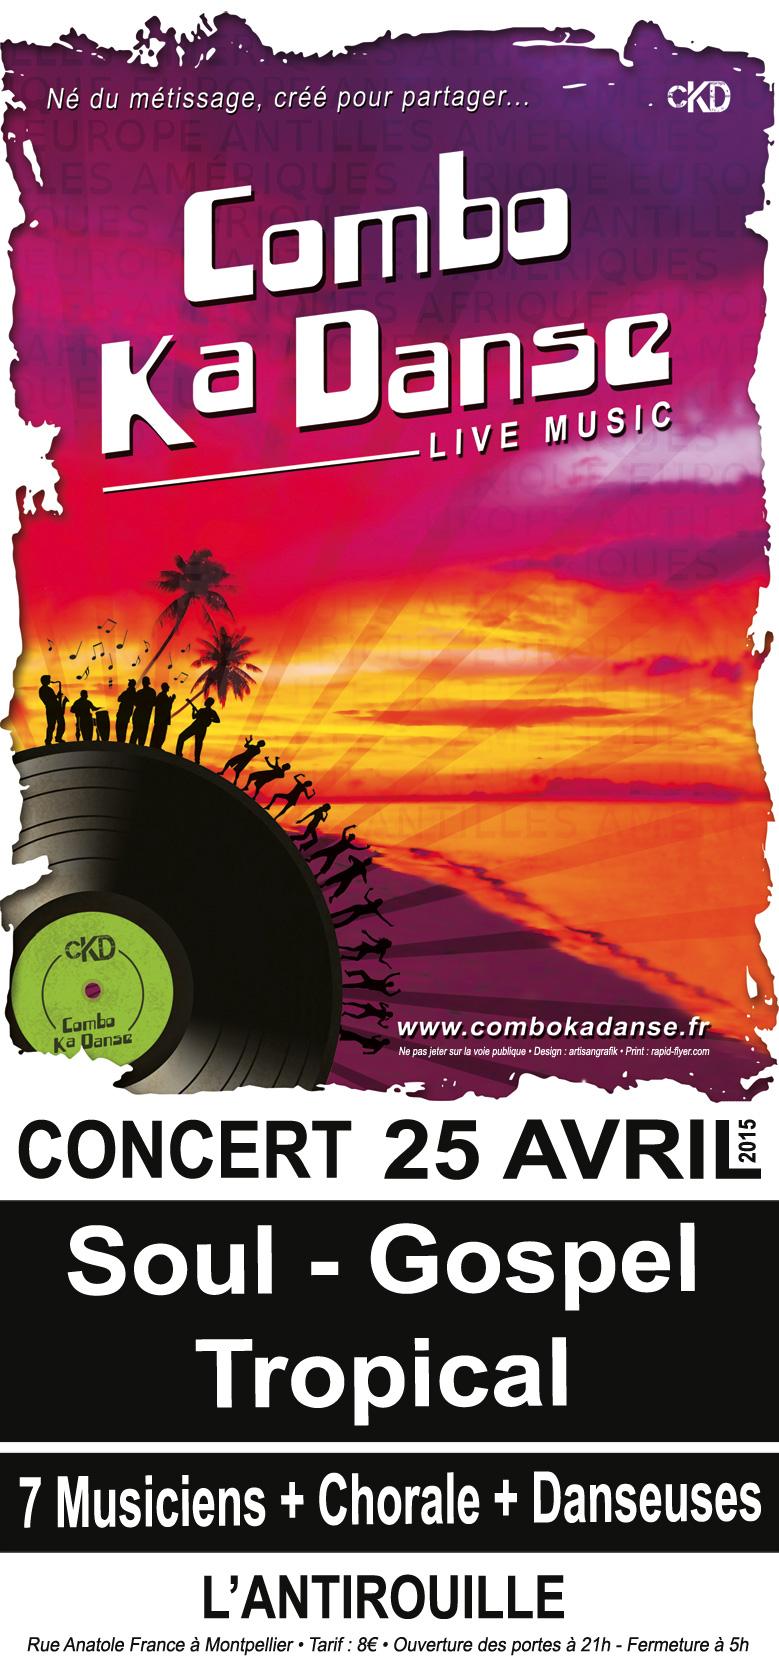 HARMONYSON production présente ComboKaDanse en concert à l'Antirouille – 25 avril 2015